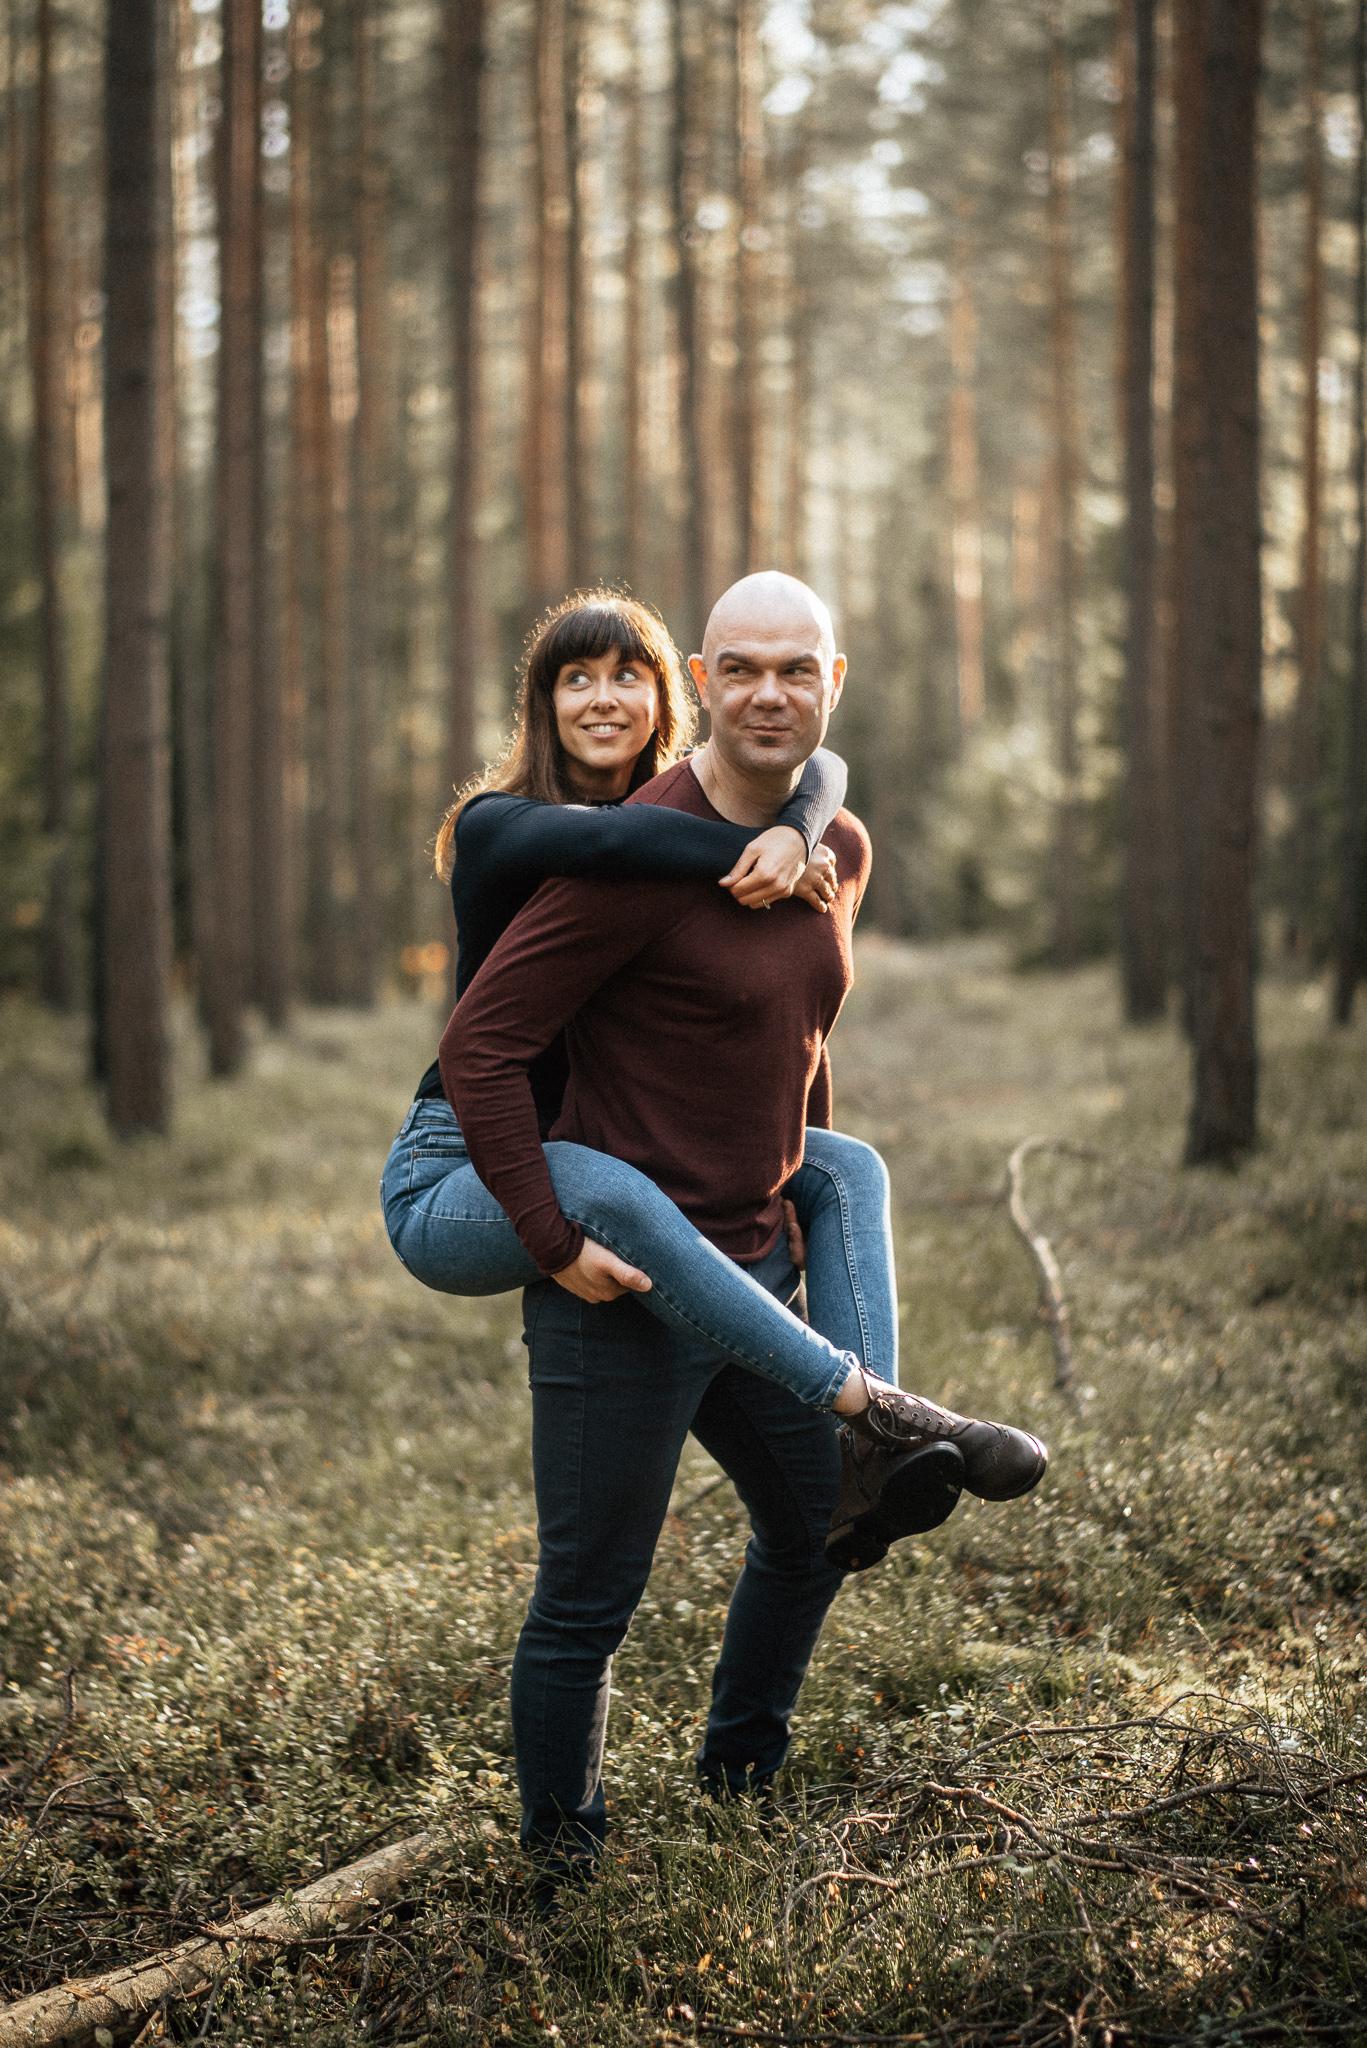 Timo Hess Fotografie Hochzeitsfotograf Coburg Erfurt Leipzig Engagementshoot Mit Franzi Und Christoph Im Thüringer Wald (1 Von 91)